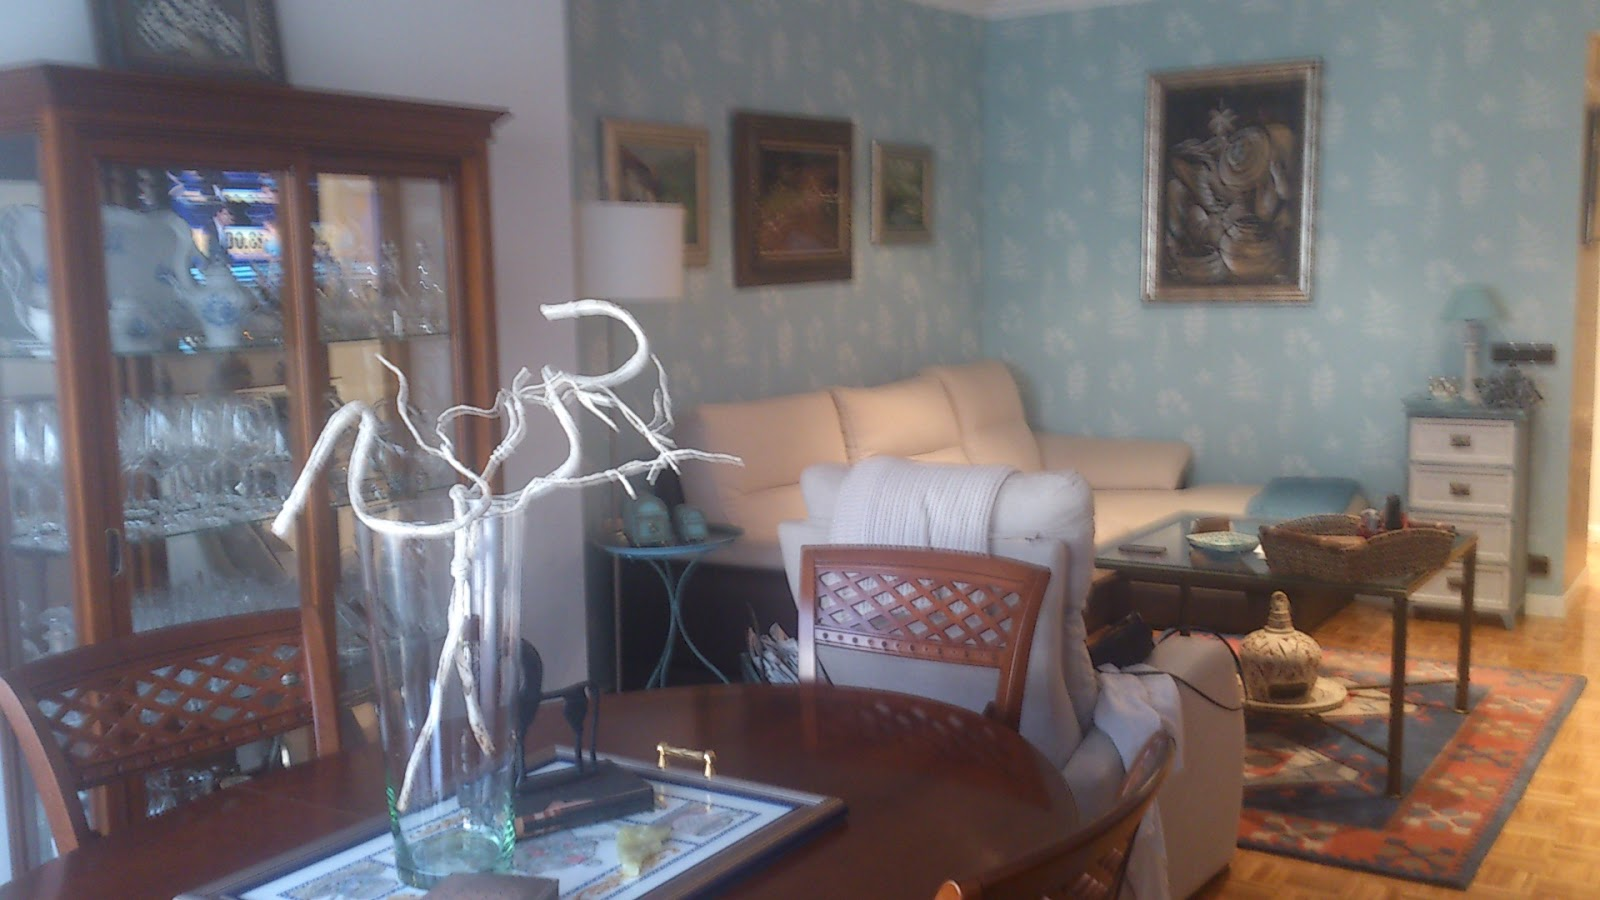 Interiorismo y decoracion lola torga sal n comedor antes - Interiorismo salon comedor ...